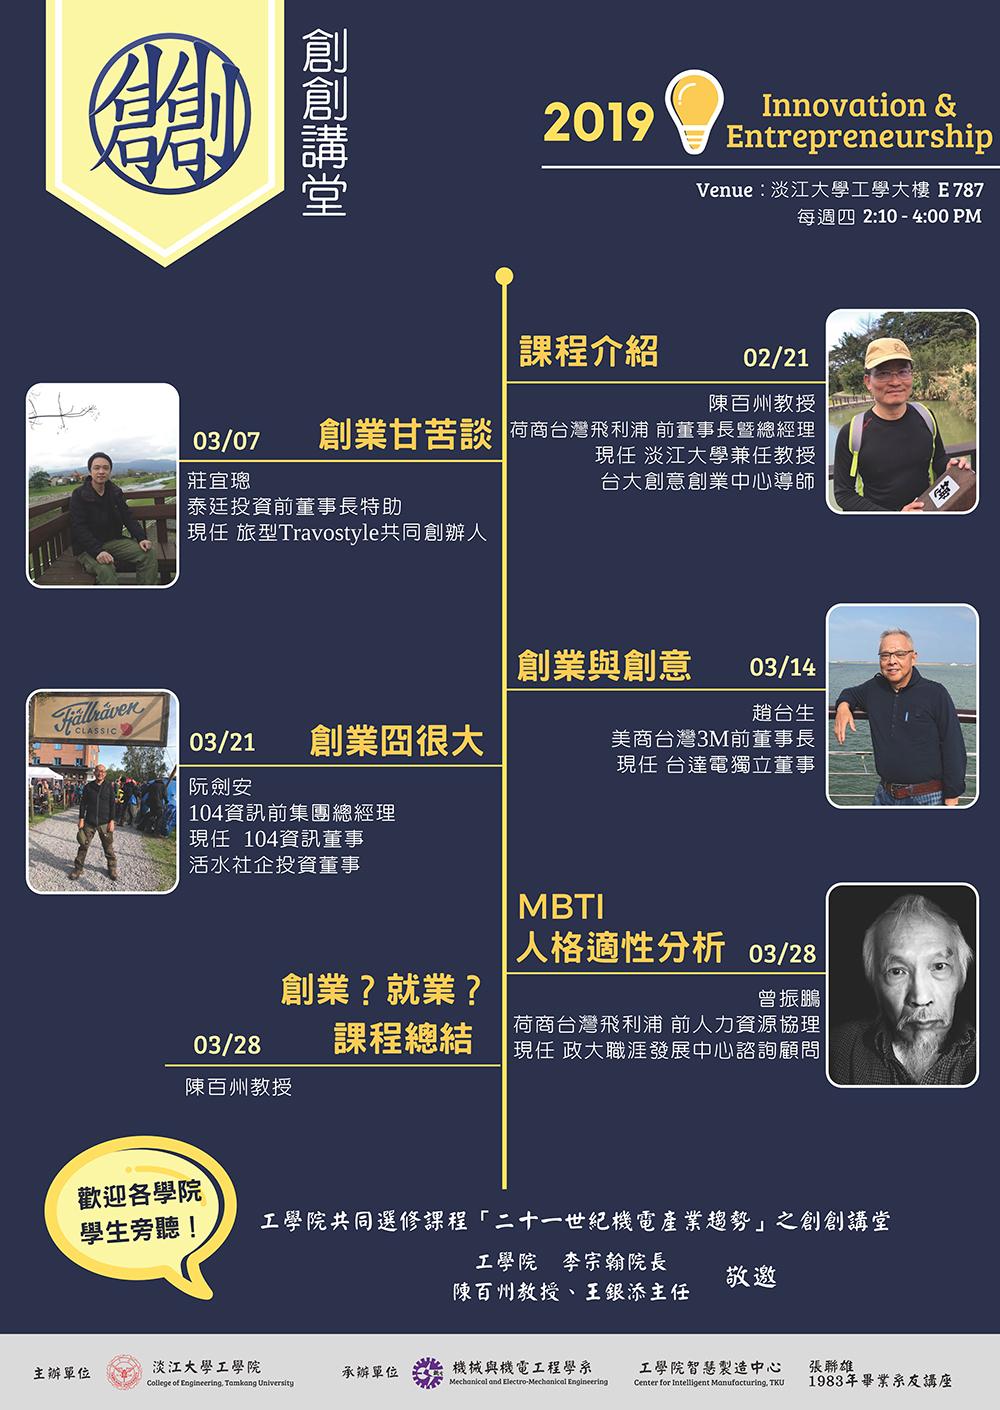 活動海報:「二十一世紀機電產業趨勢」之「創創講堂」